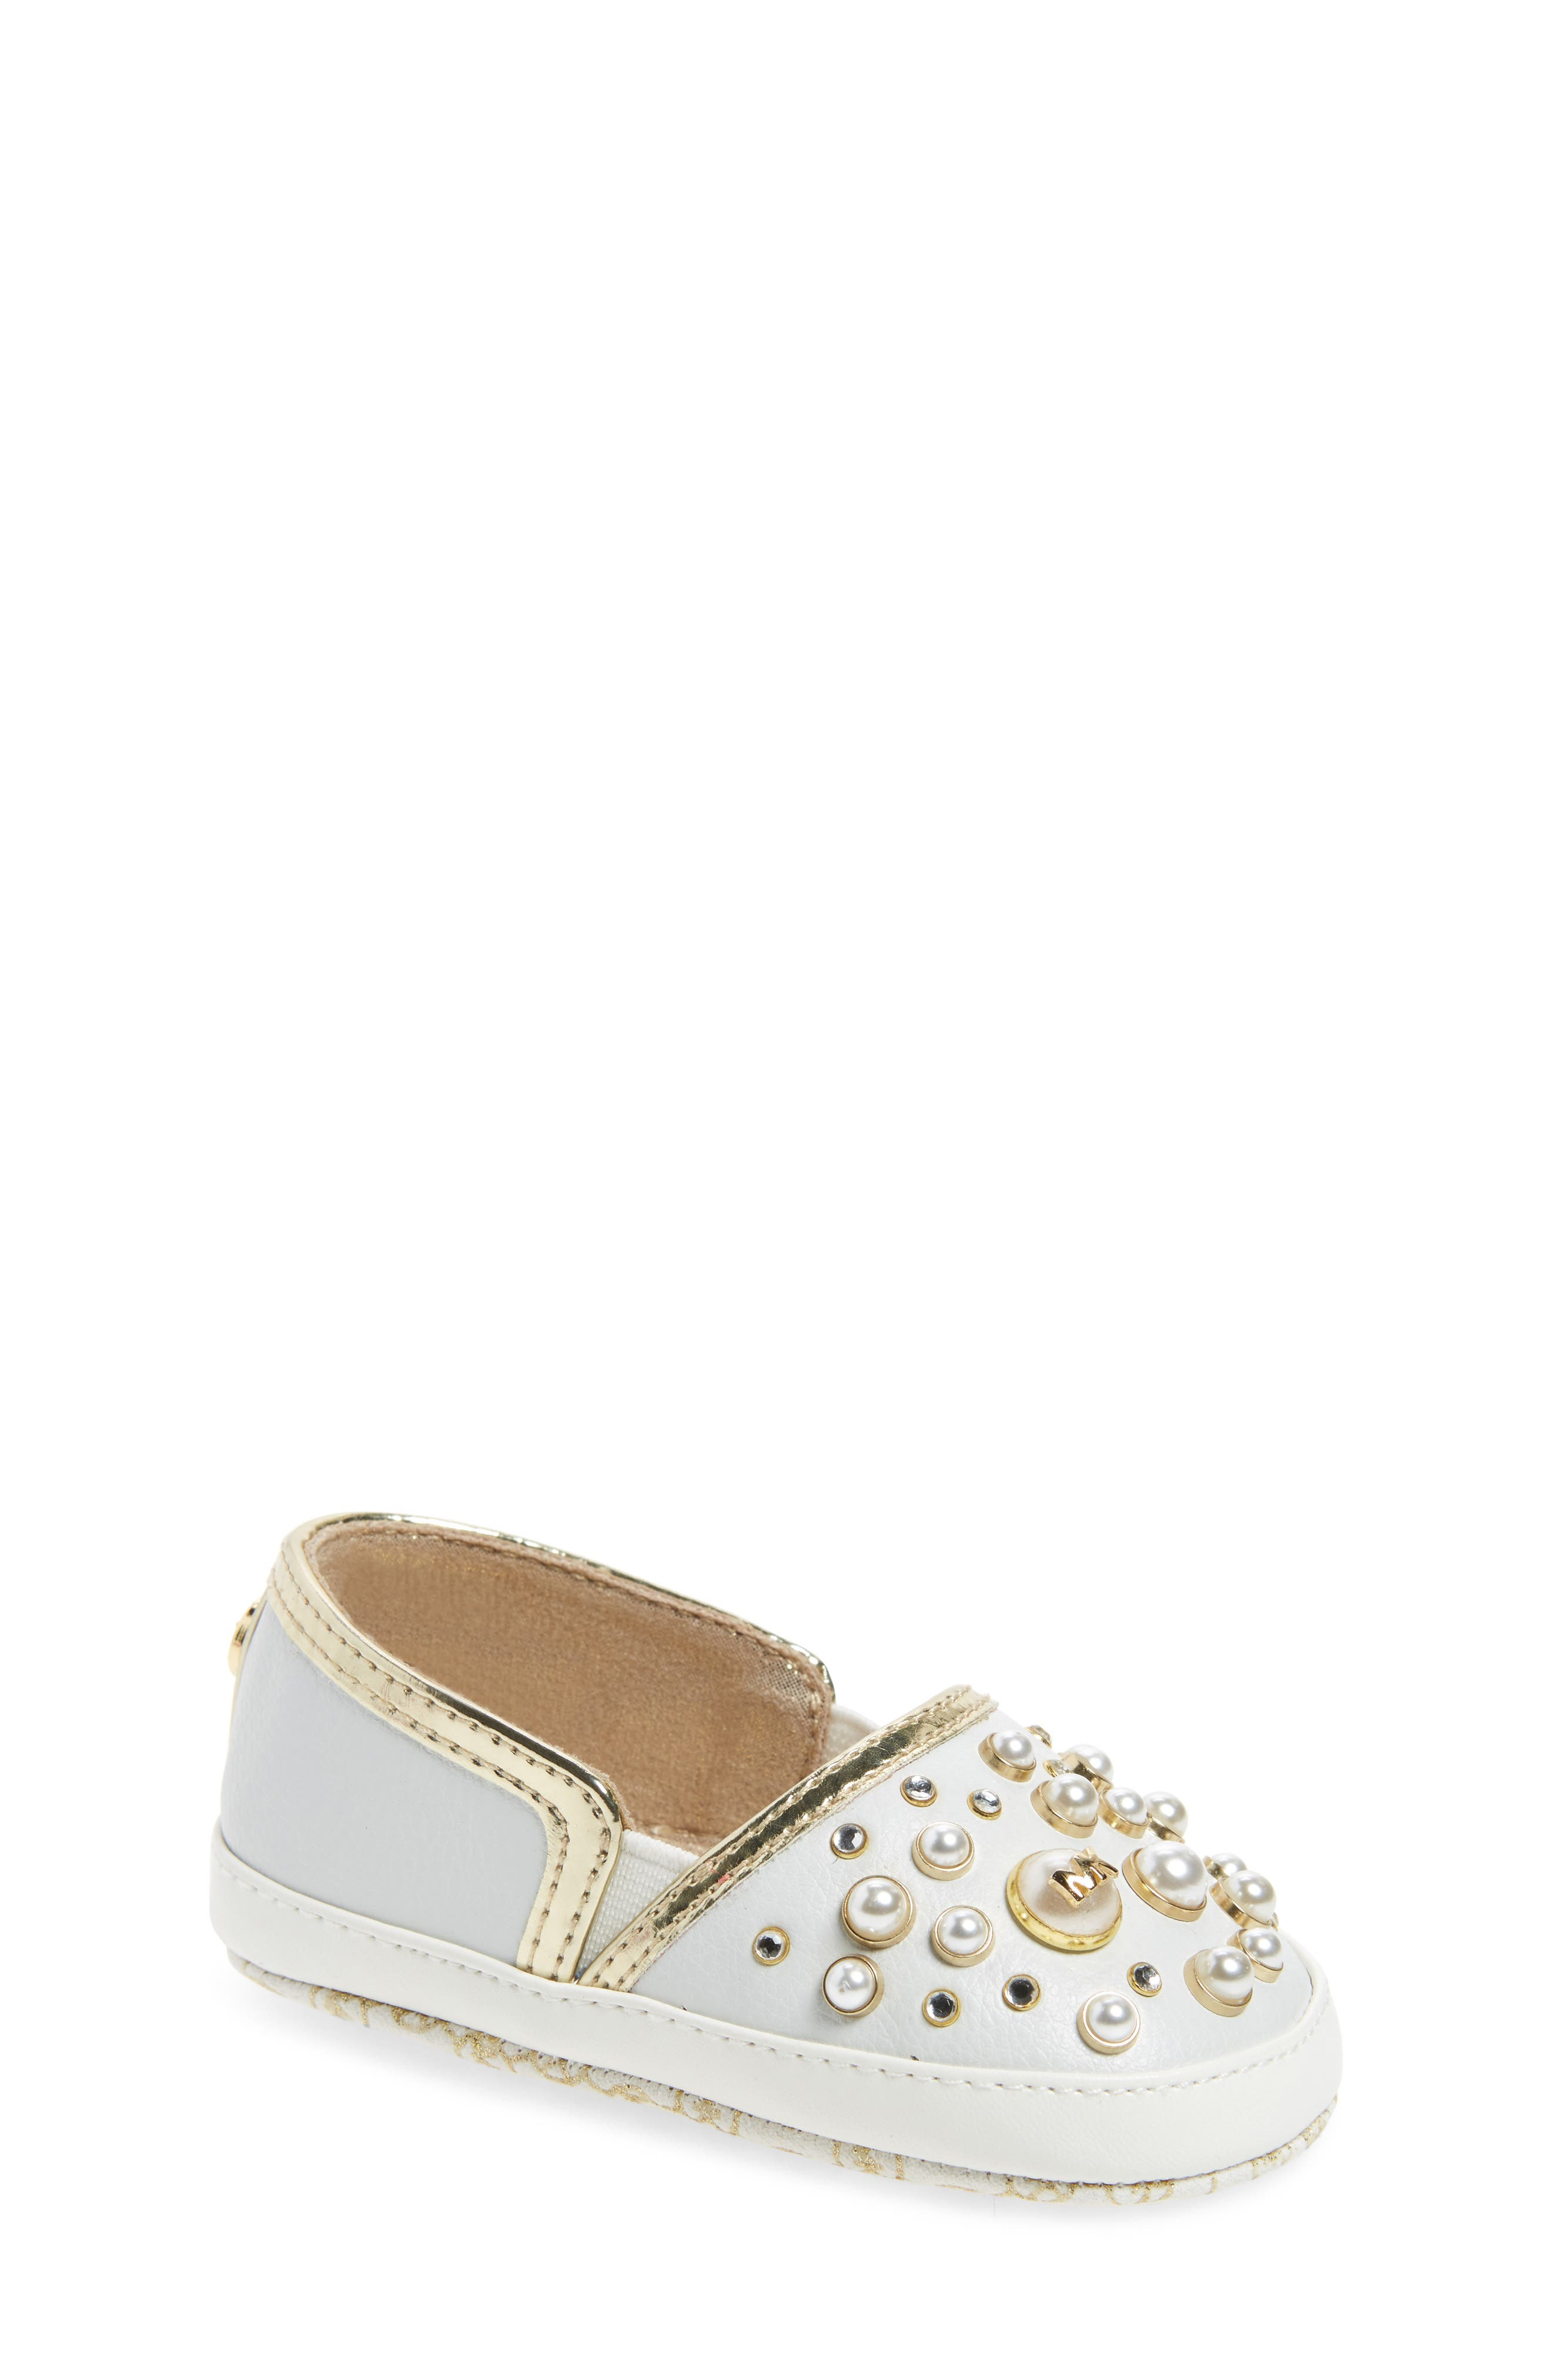 MICHAEL Michael Kors Baby Flame Embellished Crib Shoe (Baby)